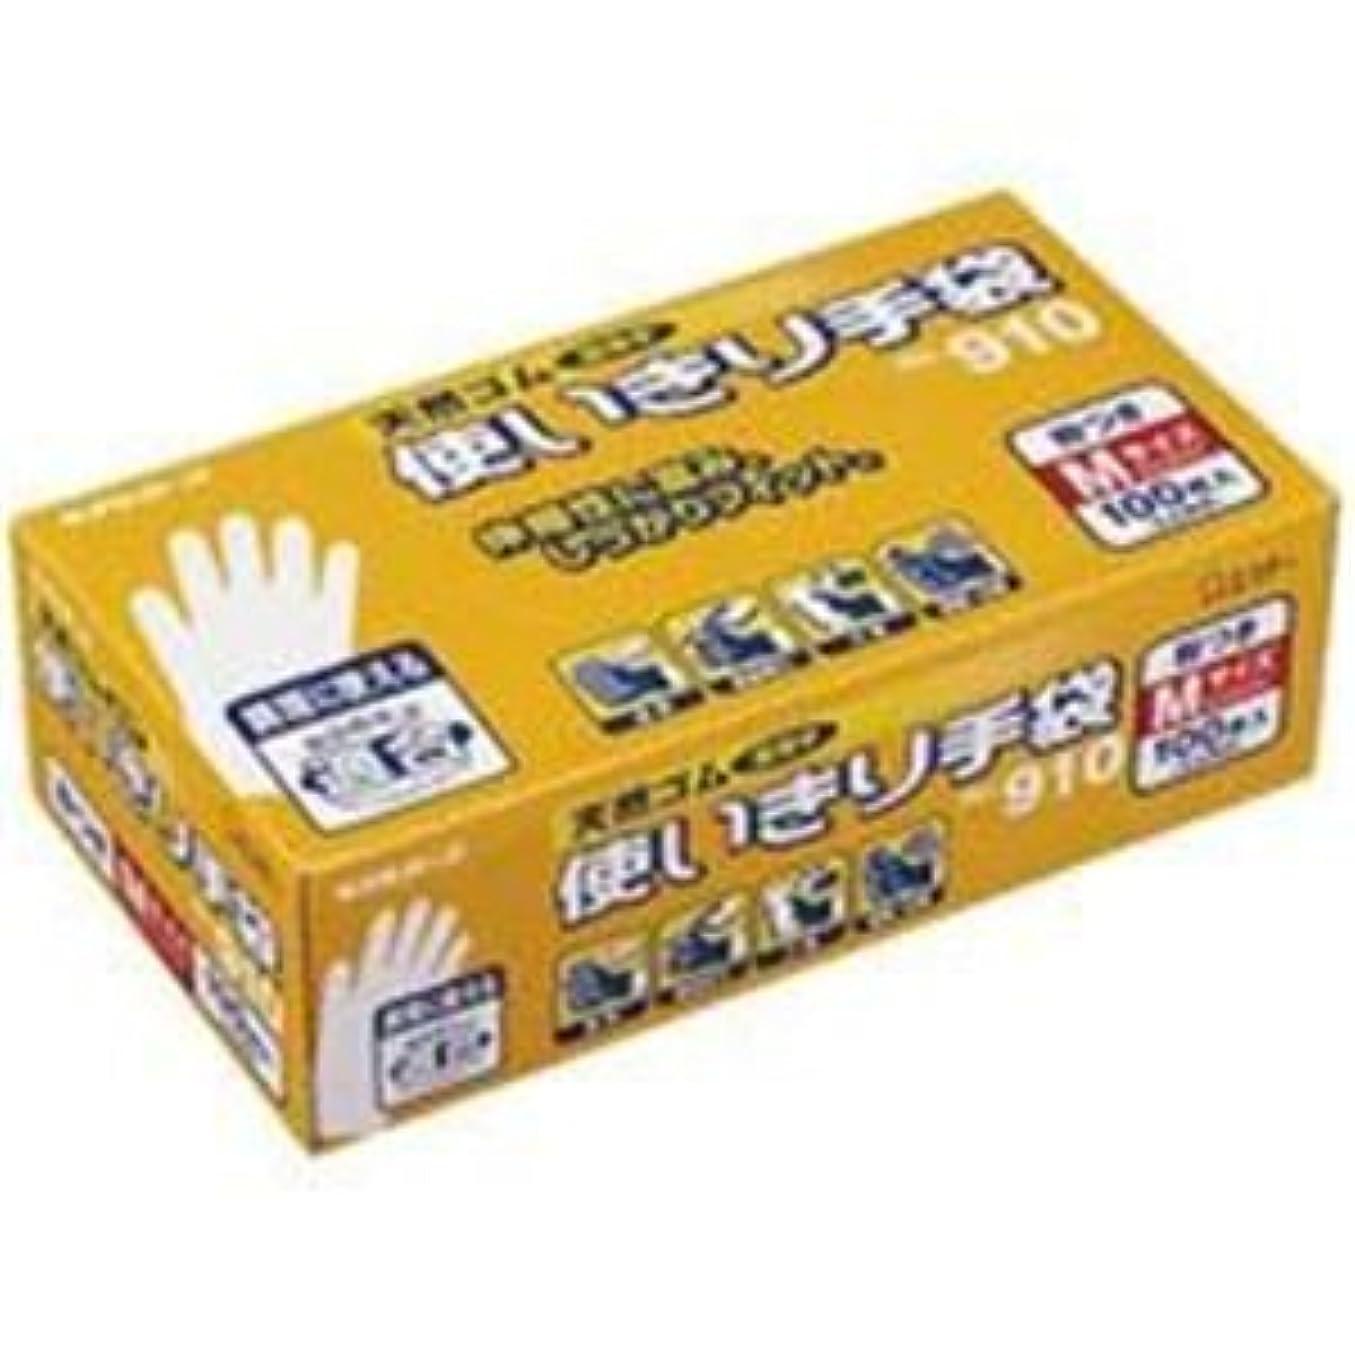 掻くハグアレキサンダーグラハムベルエステー 天然ゴム使い切り手袋/作業用手袋 [No.910/L 12箱]